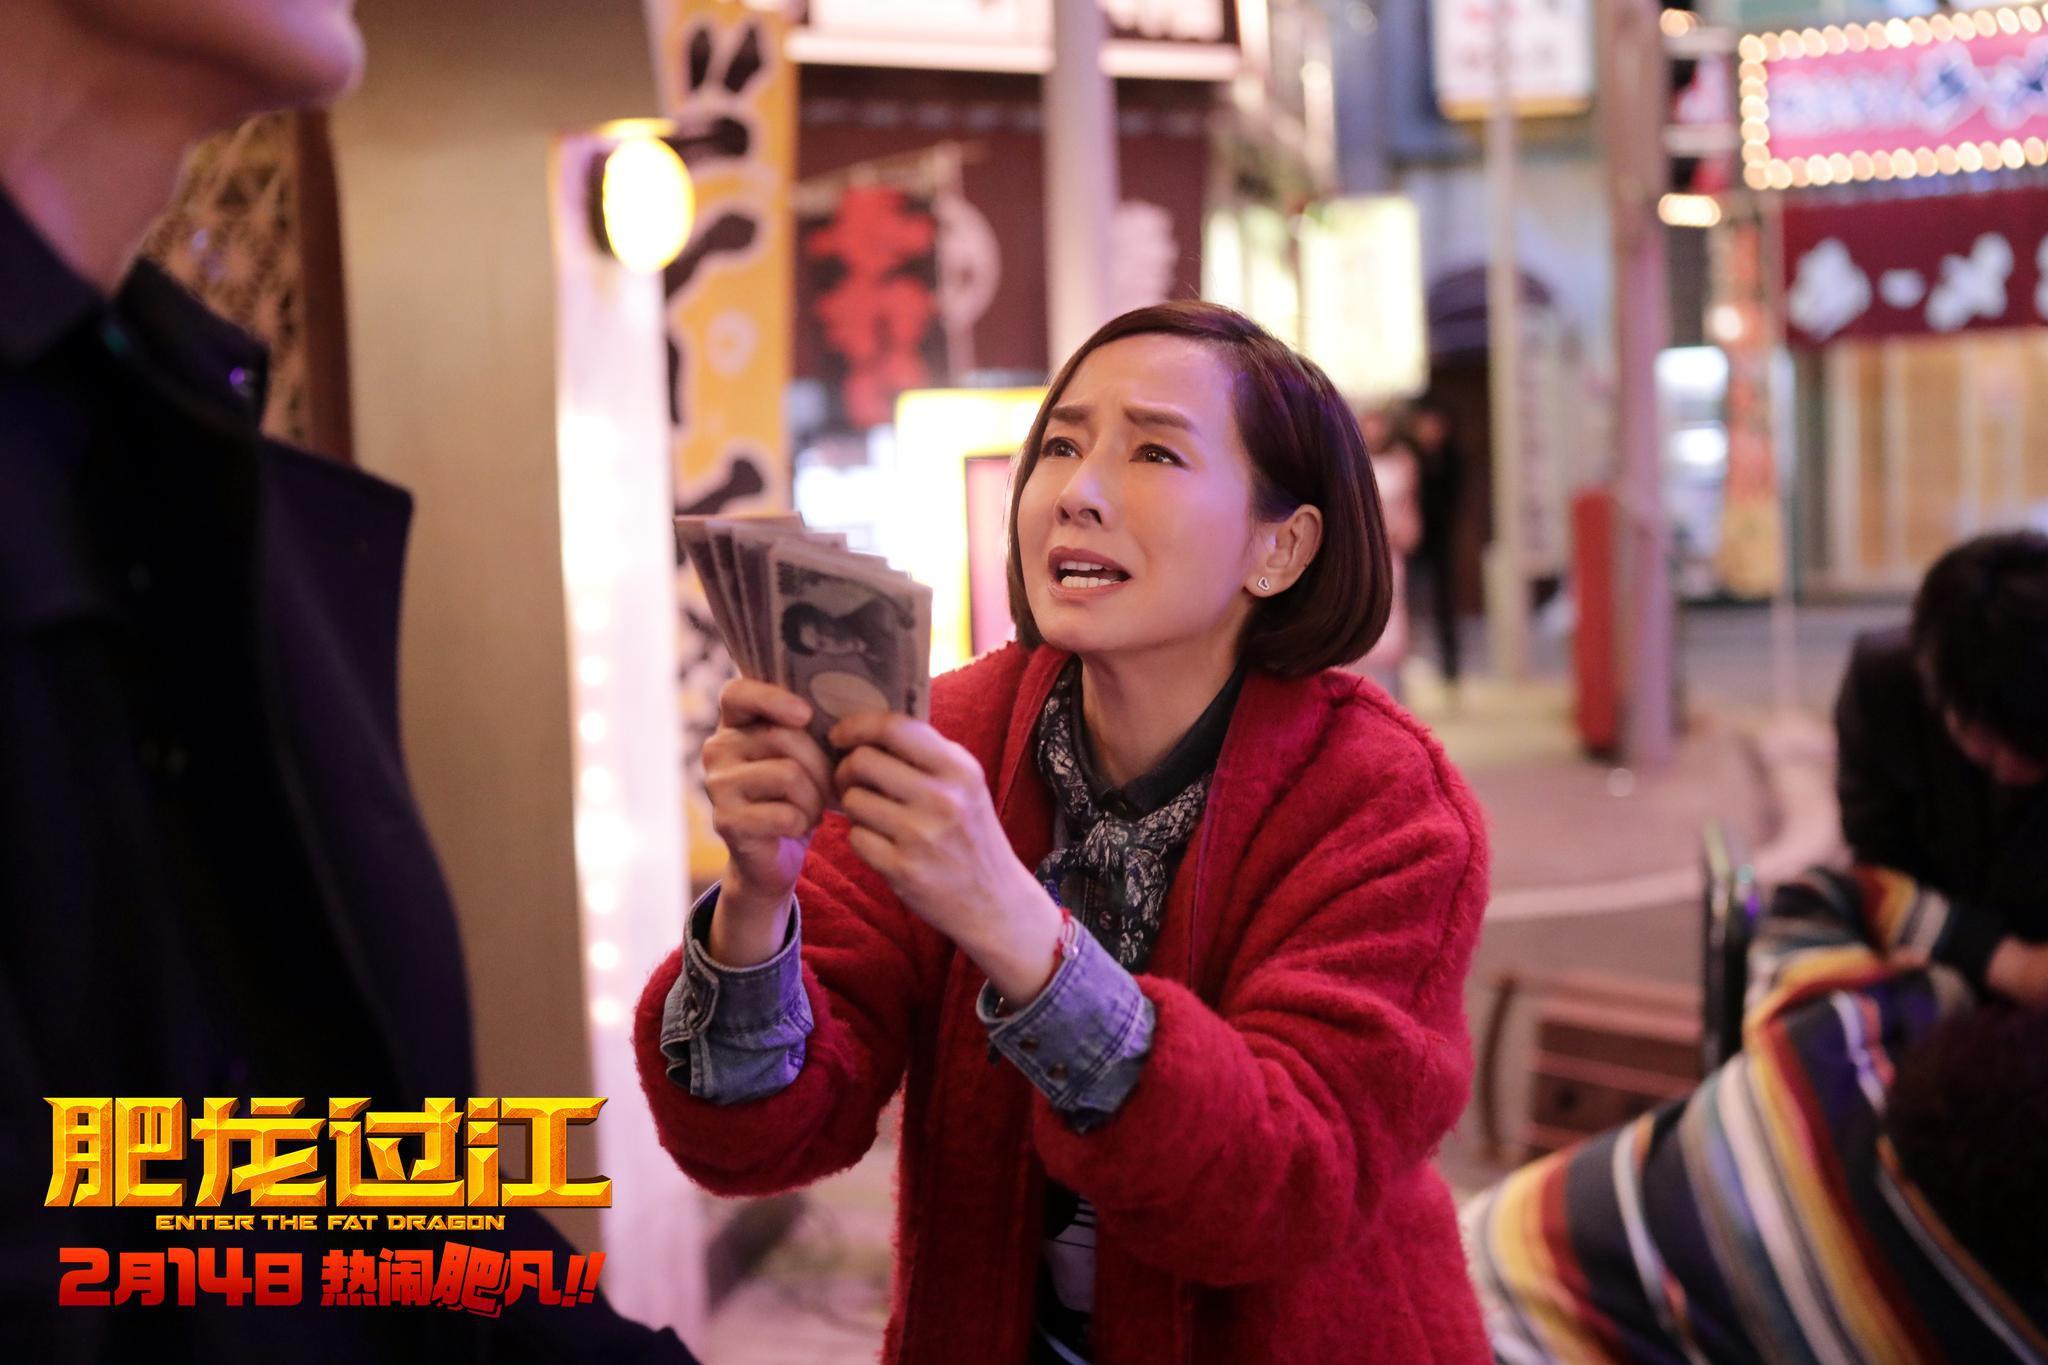 《肥龙过江》全阵容热闹集结 胖瘦甄子丹首度同框迎新年